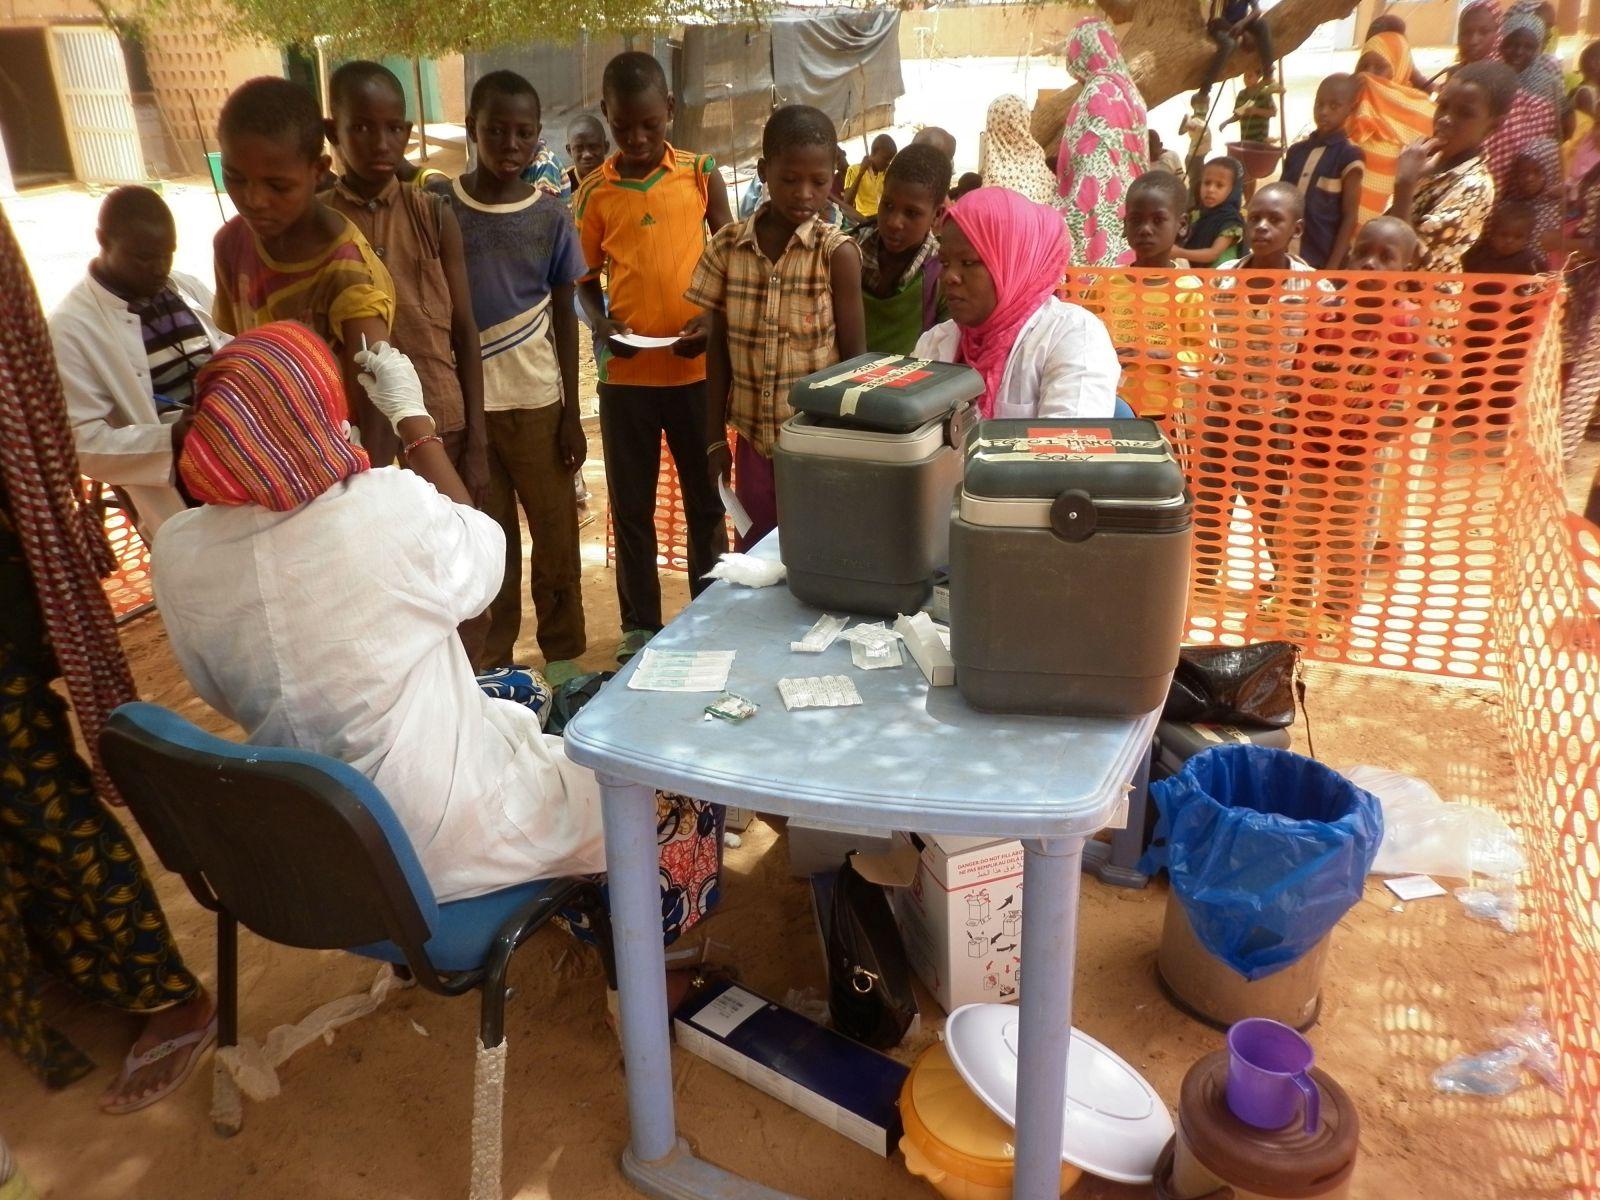 Mennesker i kø for at blive vaccineret mod mæslinger i Mangaizé, Niger.